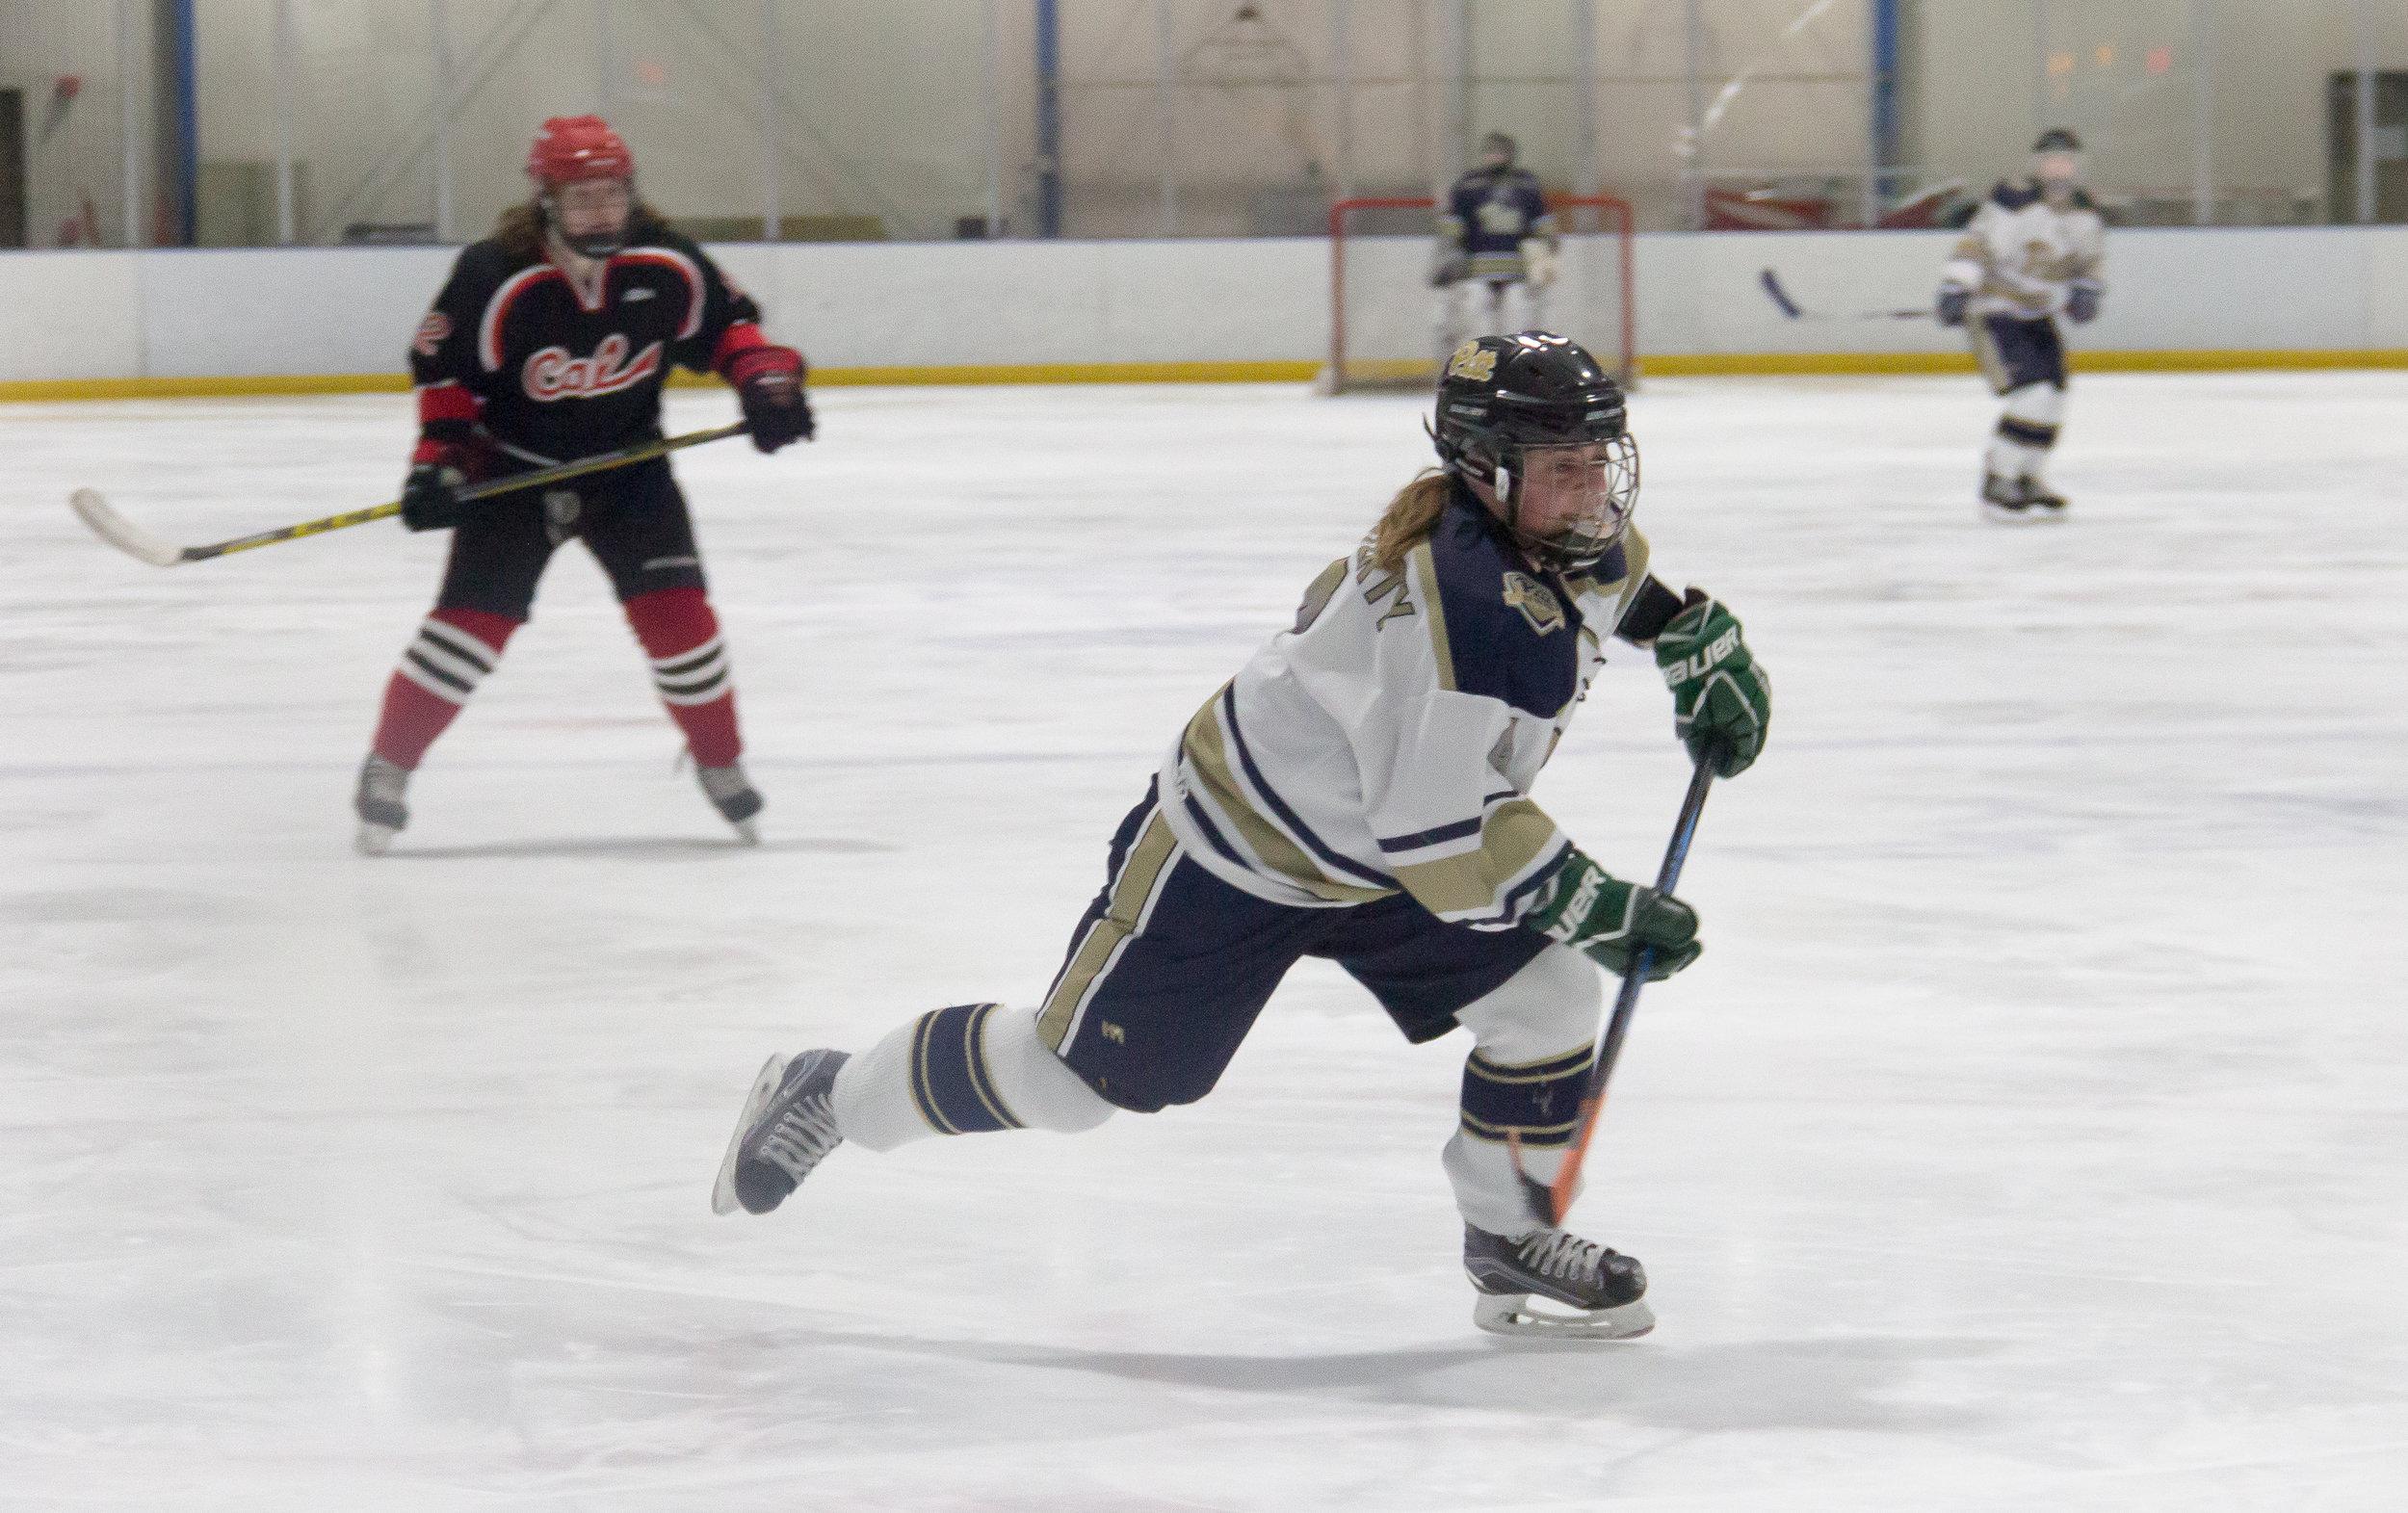 PittHockey-16.jpg